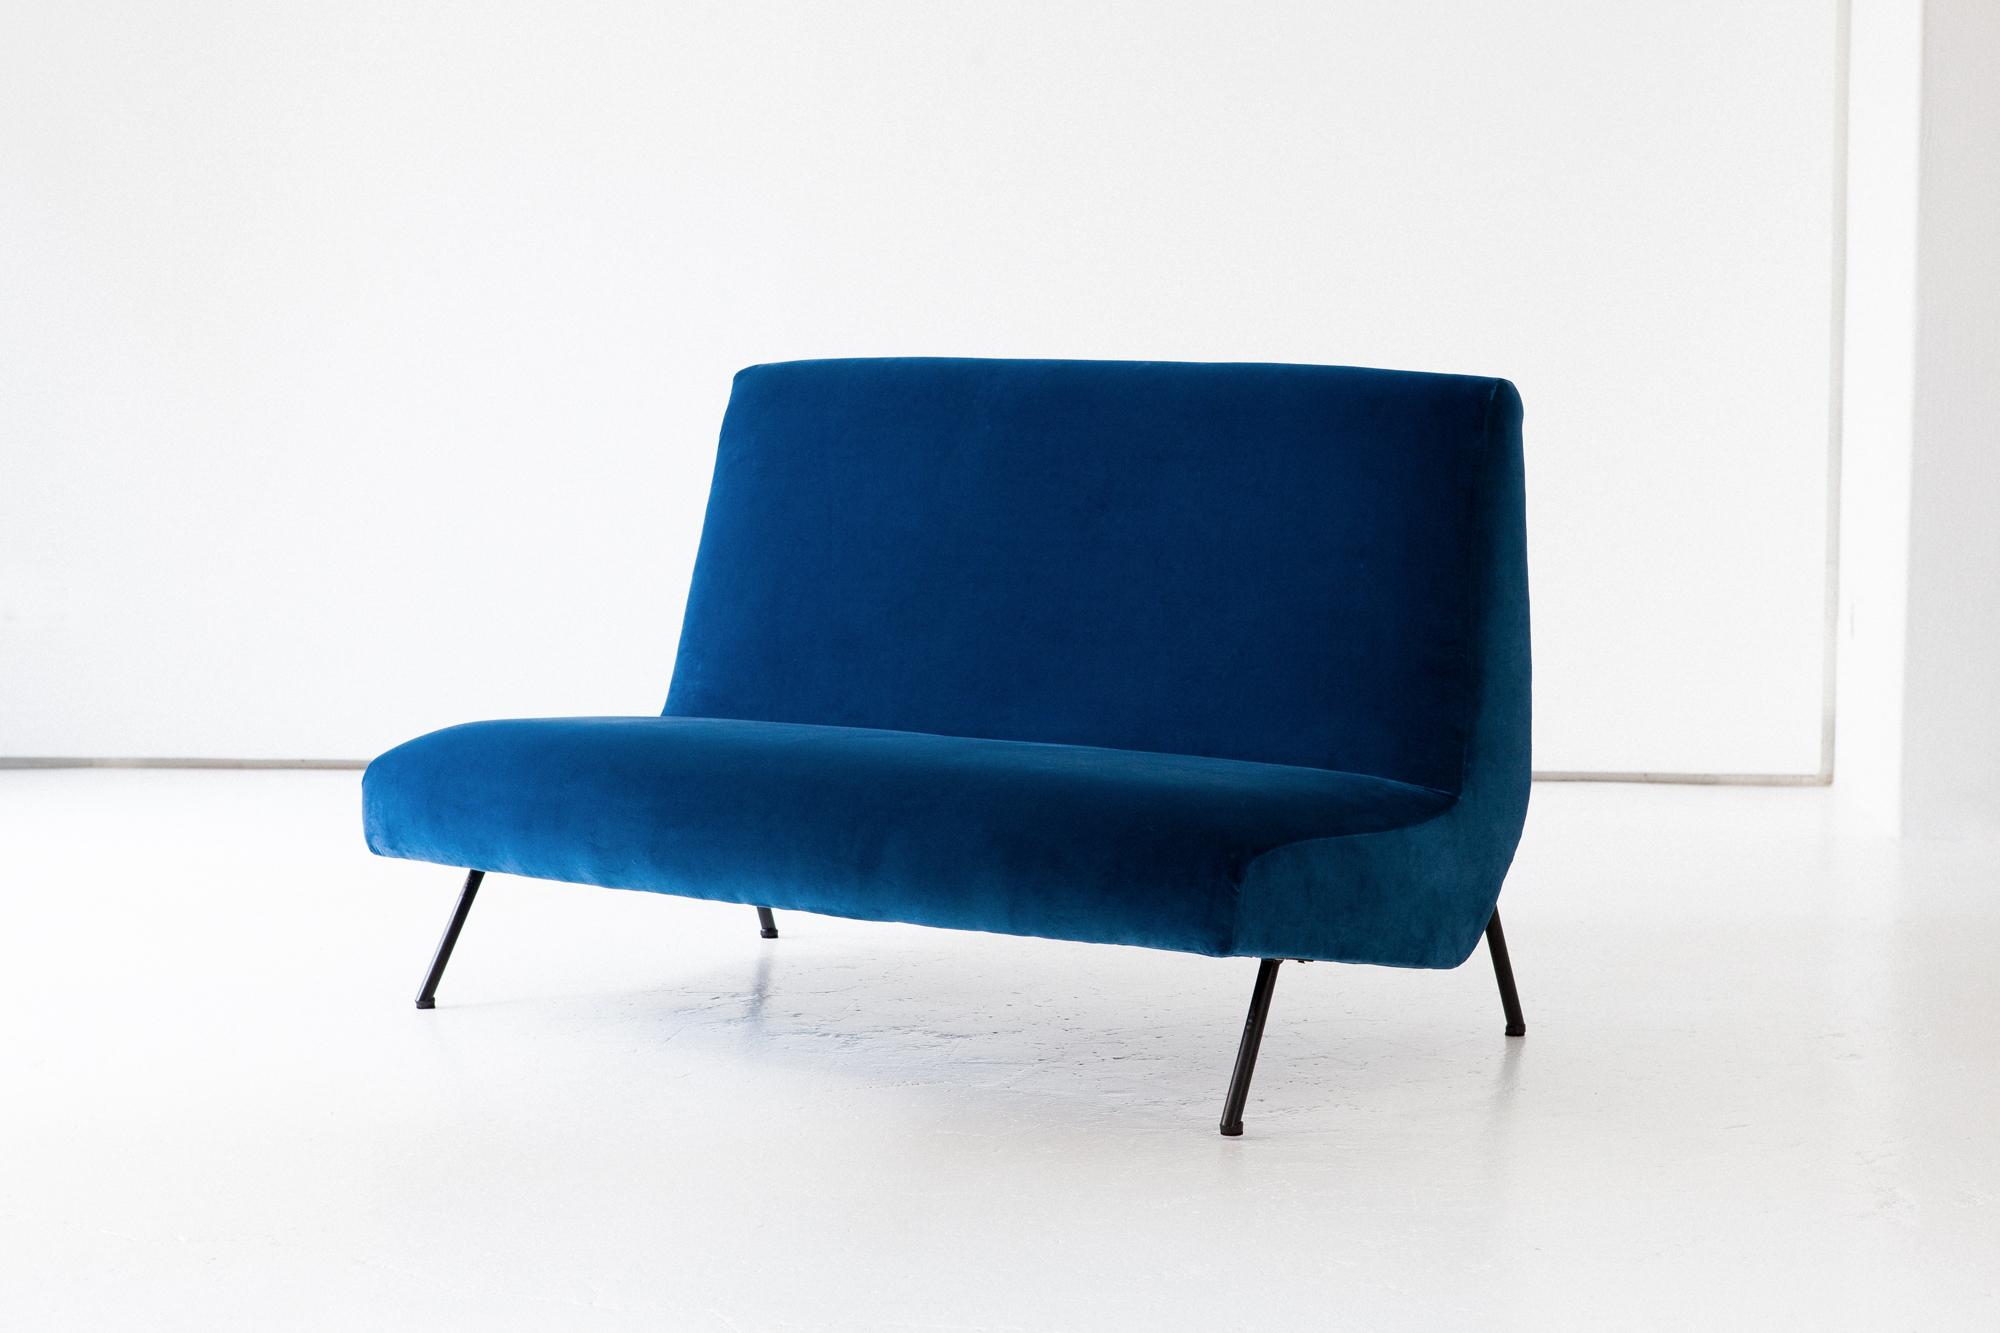 seating-270.4